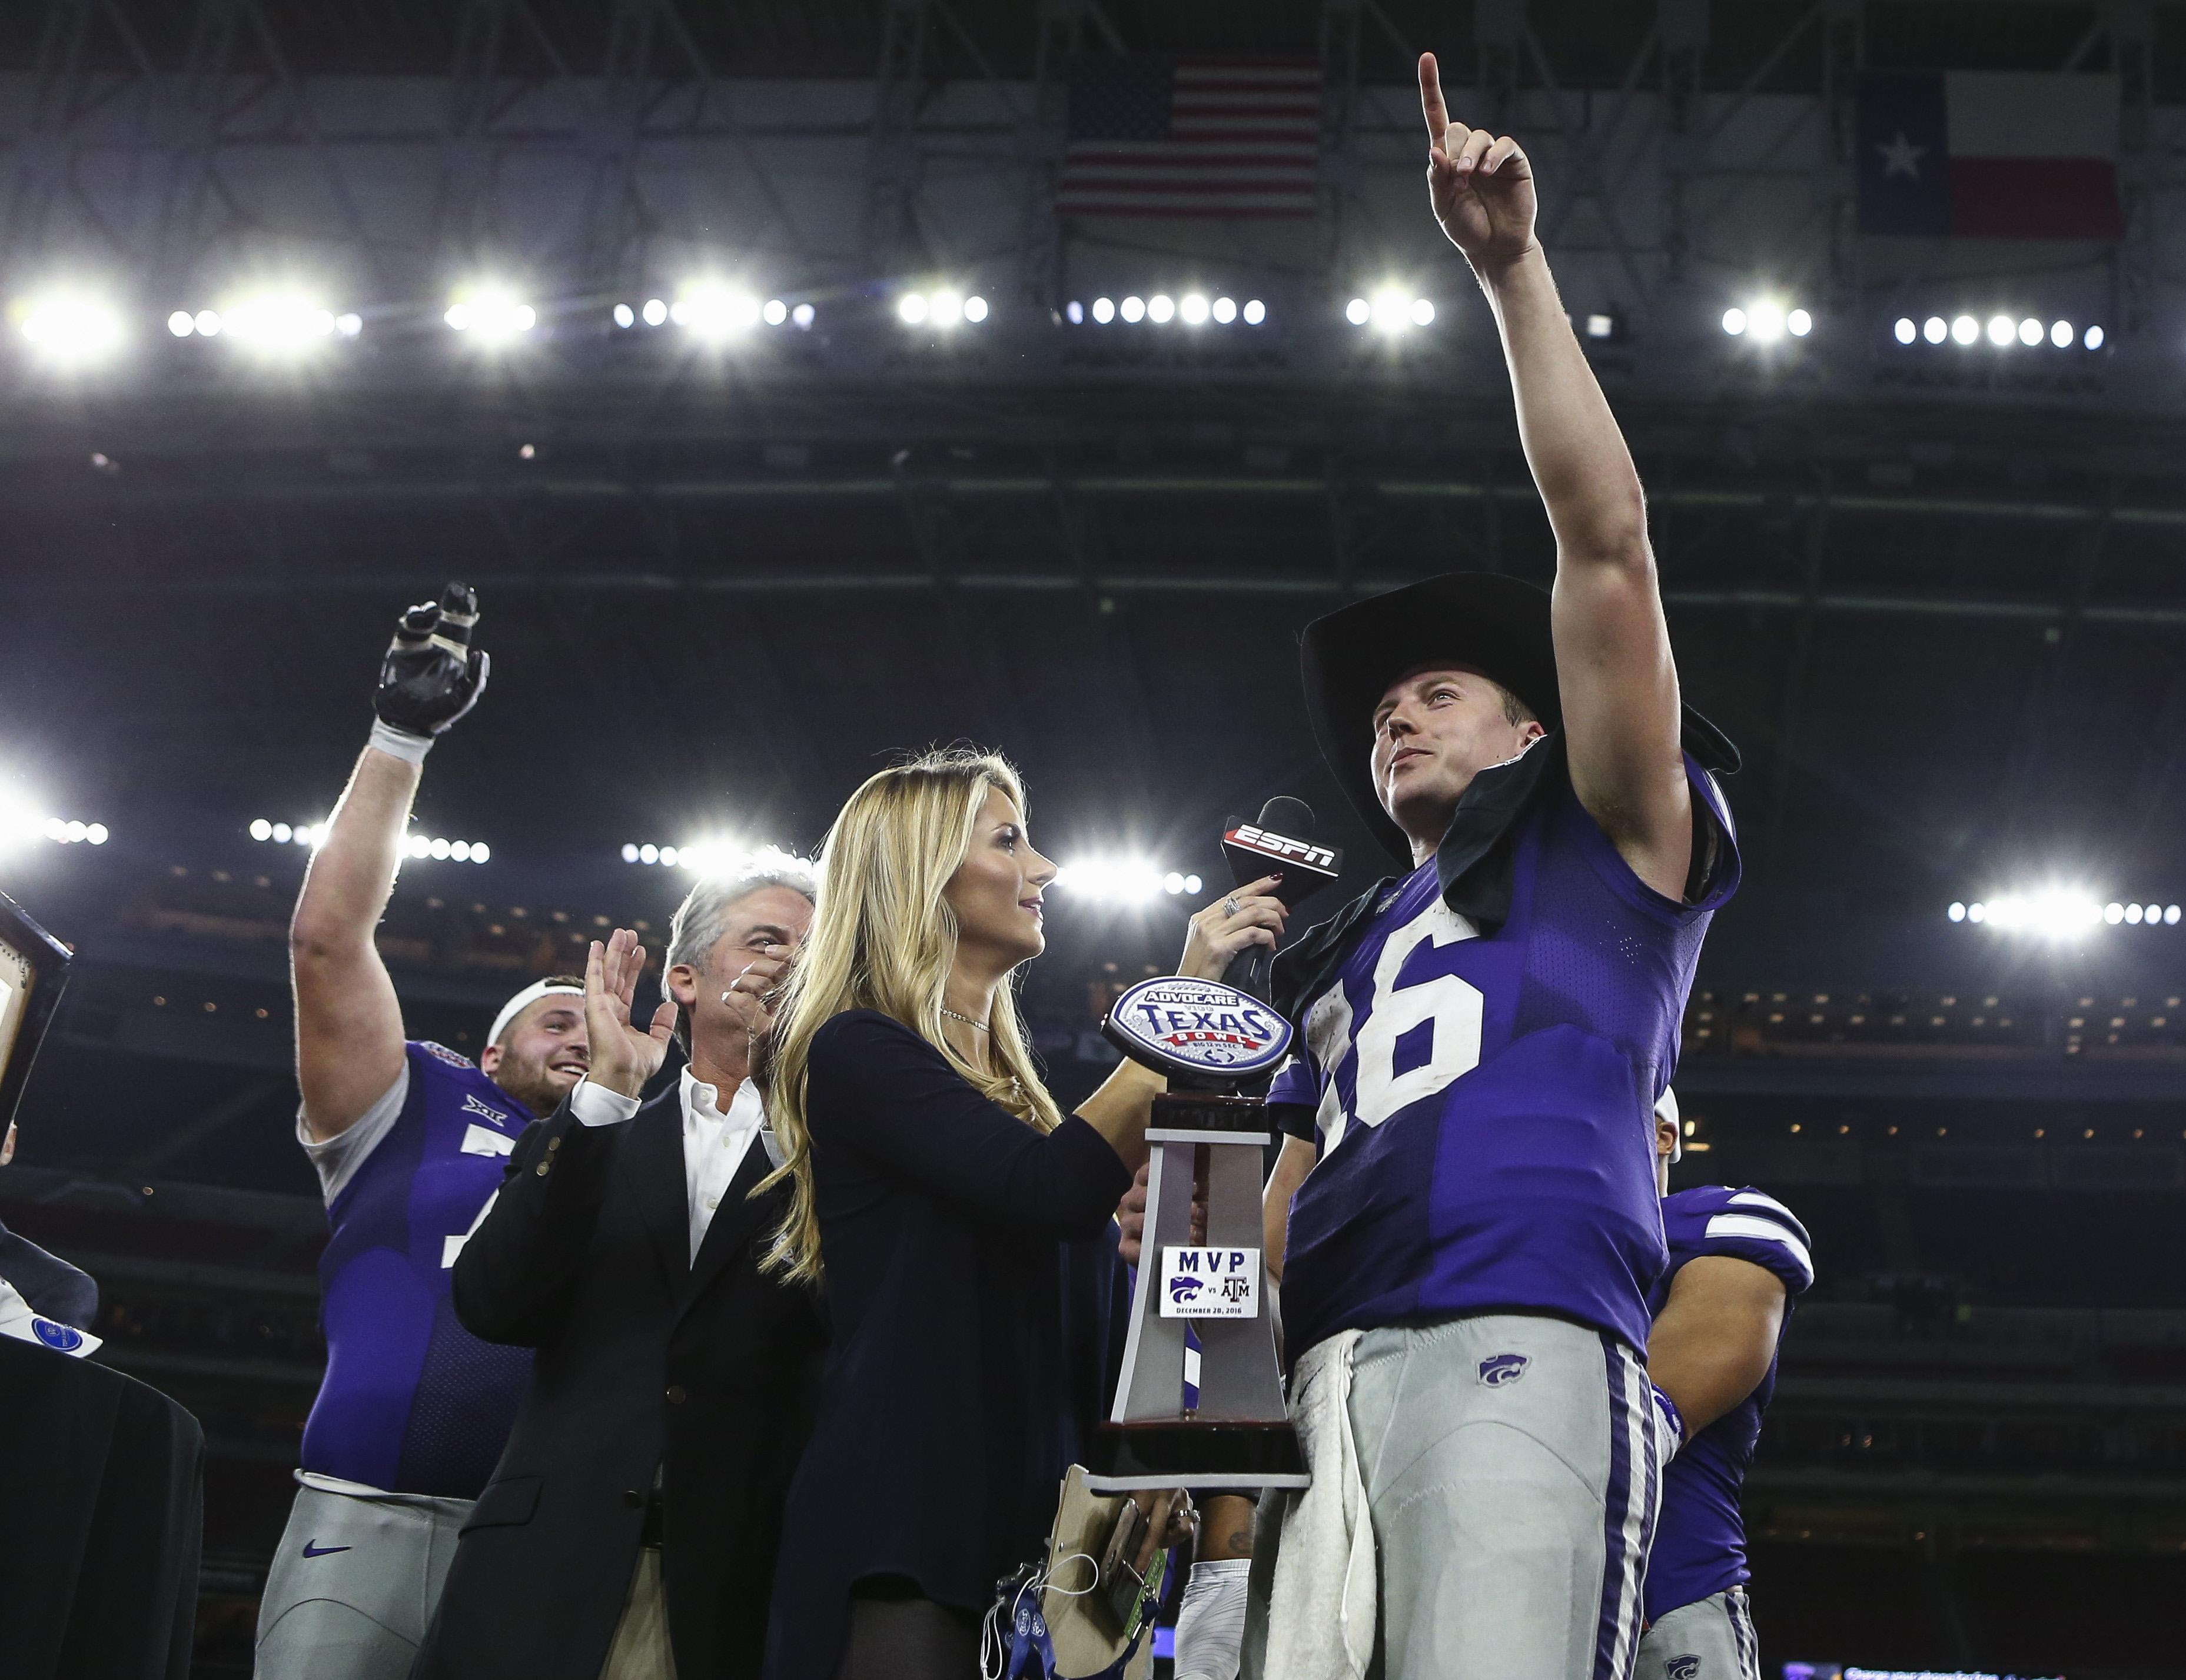 Jesse Ertz: Texas Bowl MVP